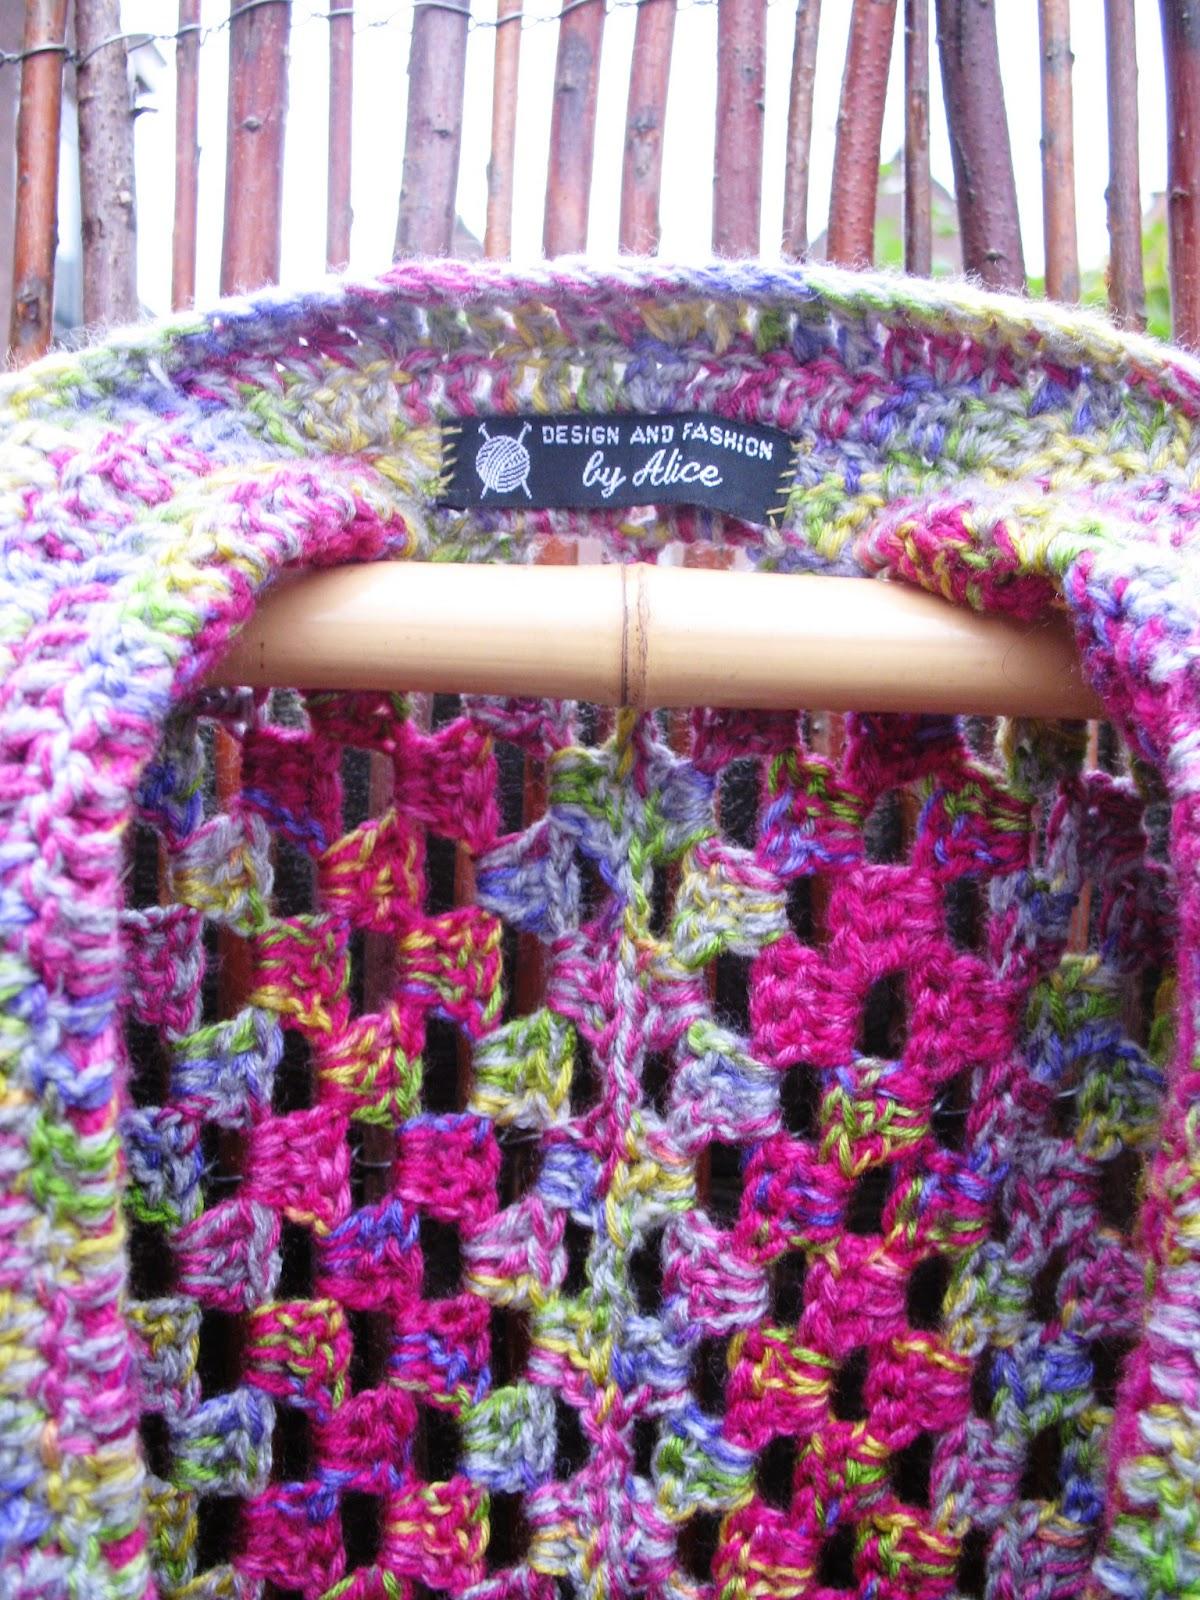 Atelier De Kleine Haven Gehaakt Granny Square Hexagon Vest